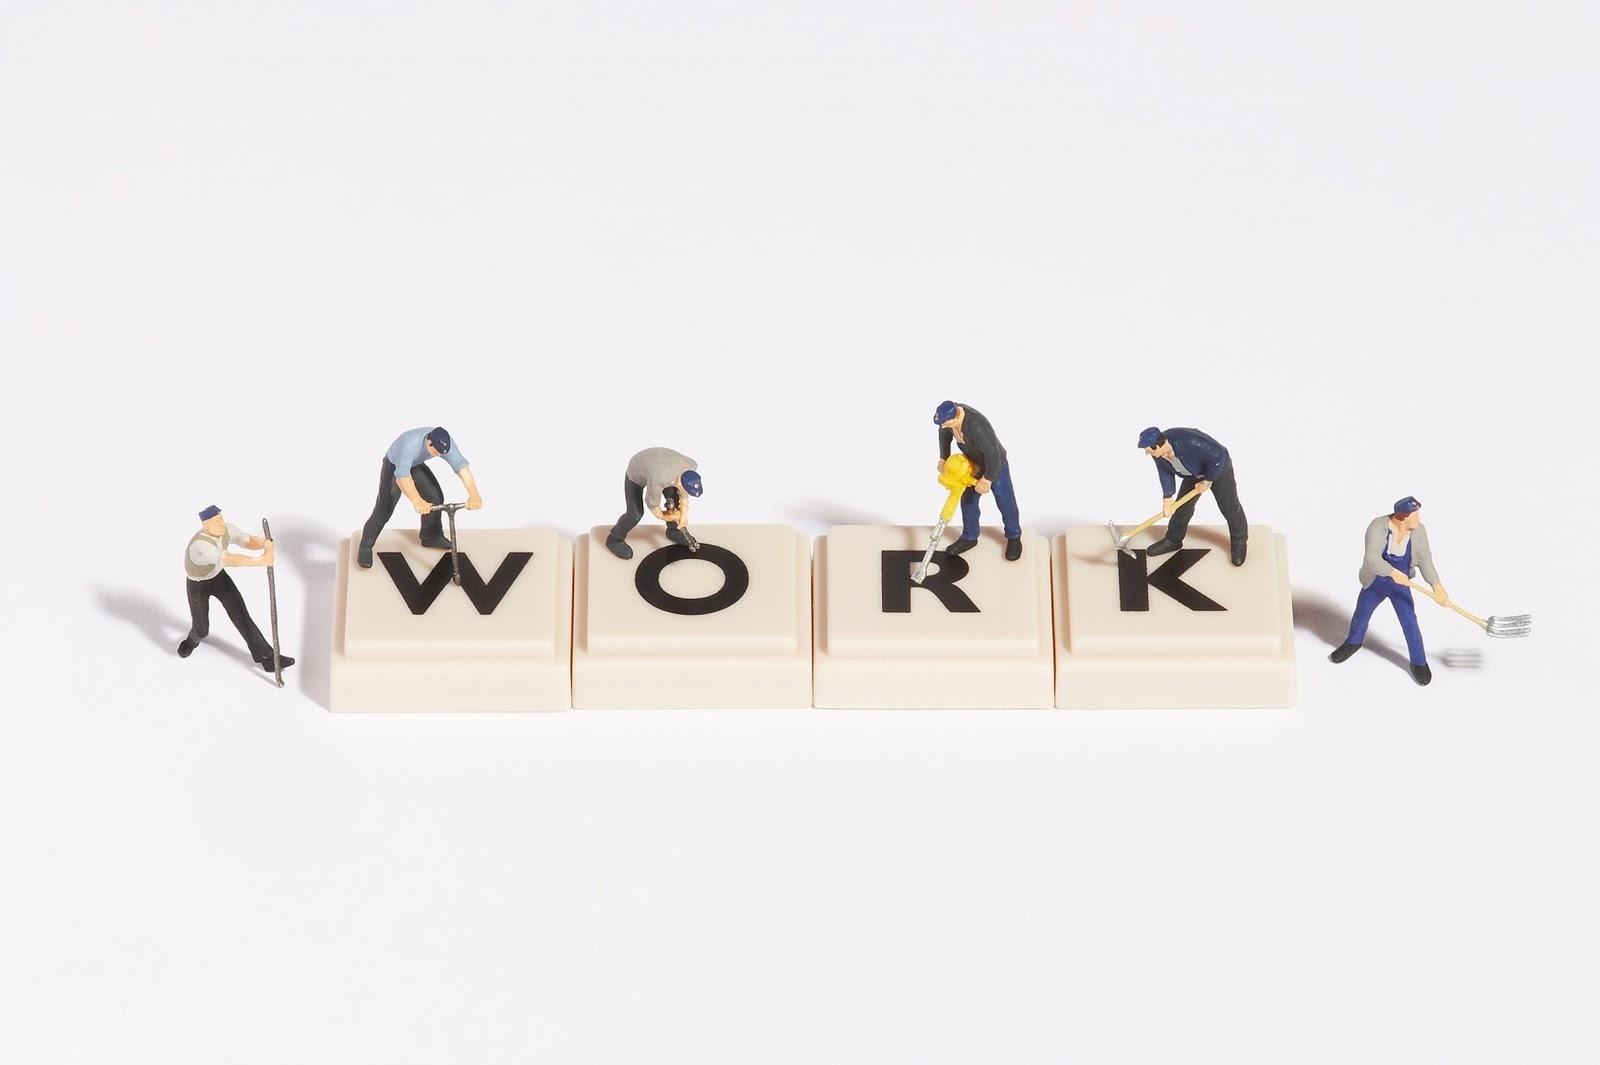 Κοινωφελής Εργασία: Ξεκινούν οι προσλήψεις 52.553 ανέργων σε ΟΤΑ, Δημόσιο – Όλες οι λεπτομέρειες (αποφάσεις)